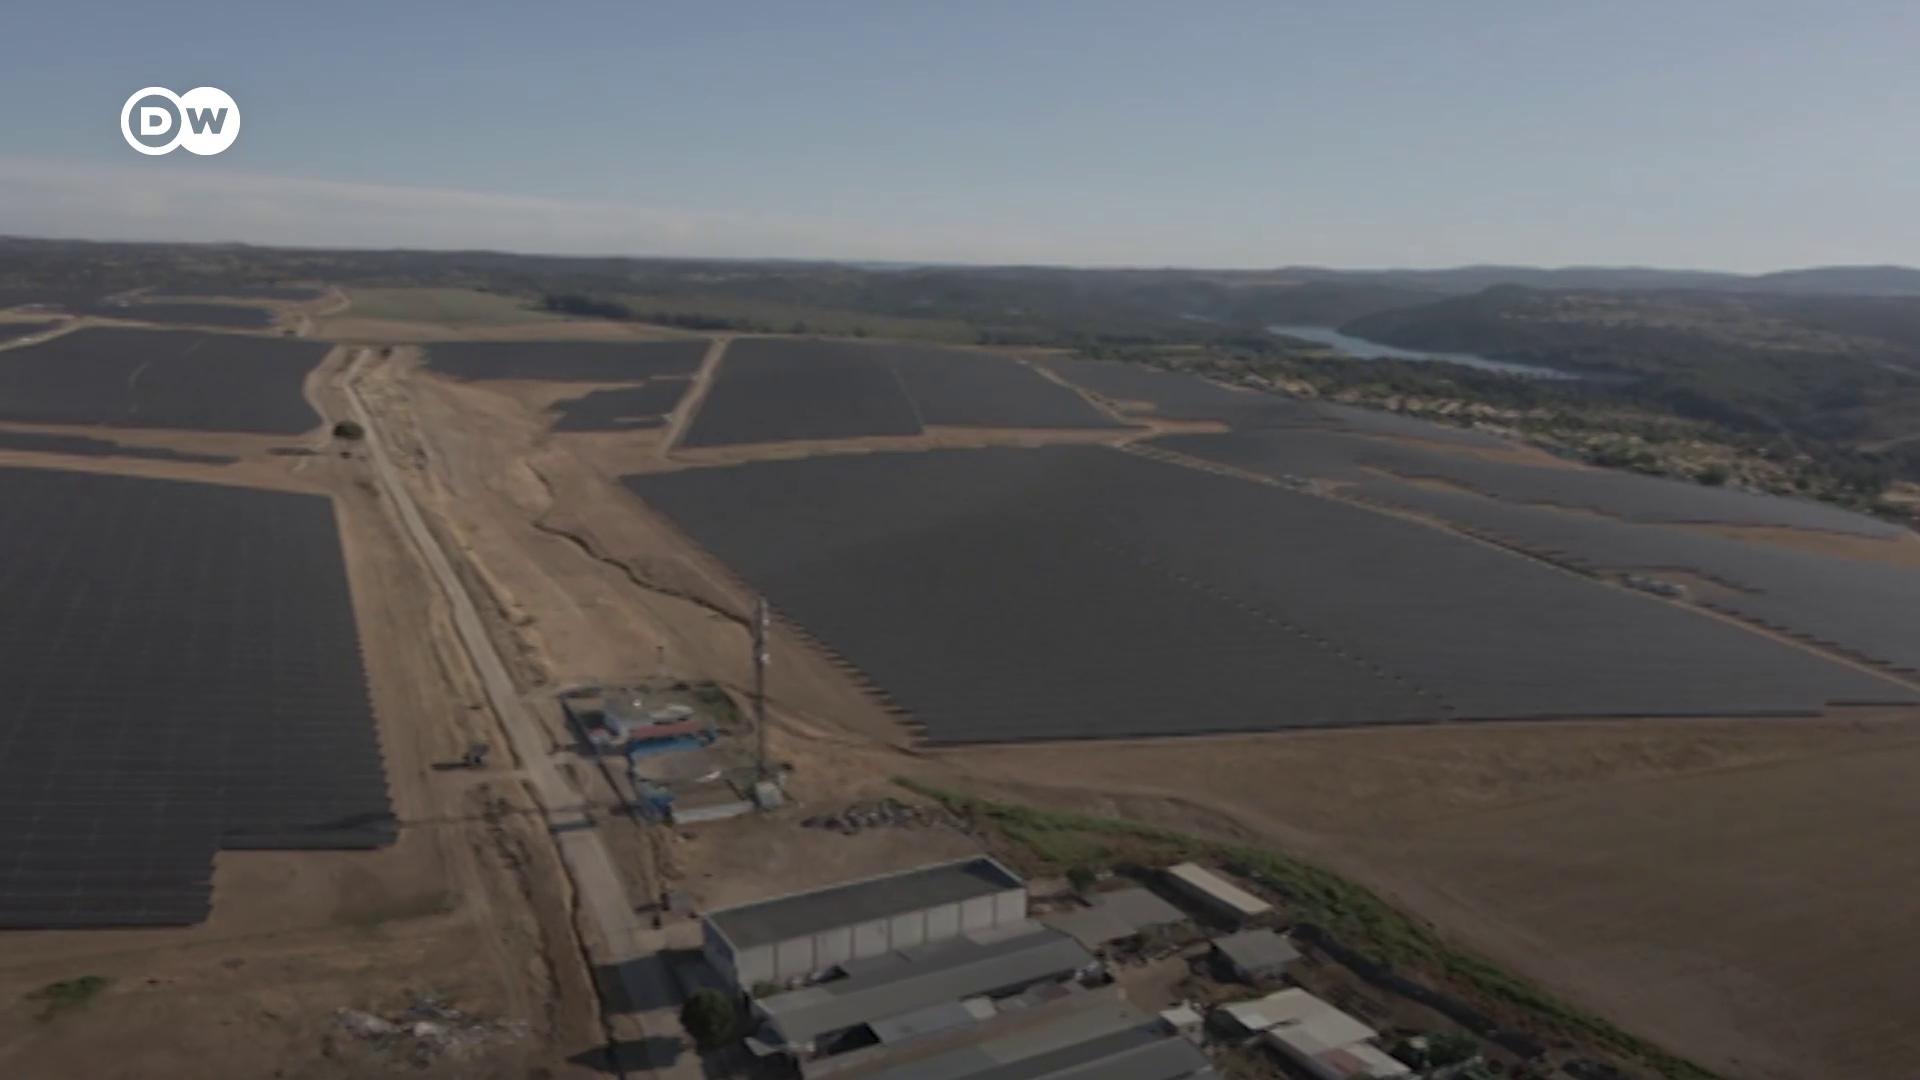 Robbanásszerűen nő a napelemfarmok száma Andalúziában